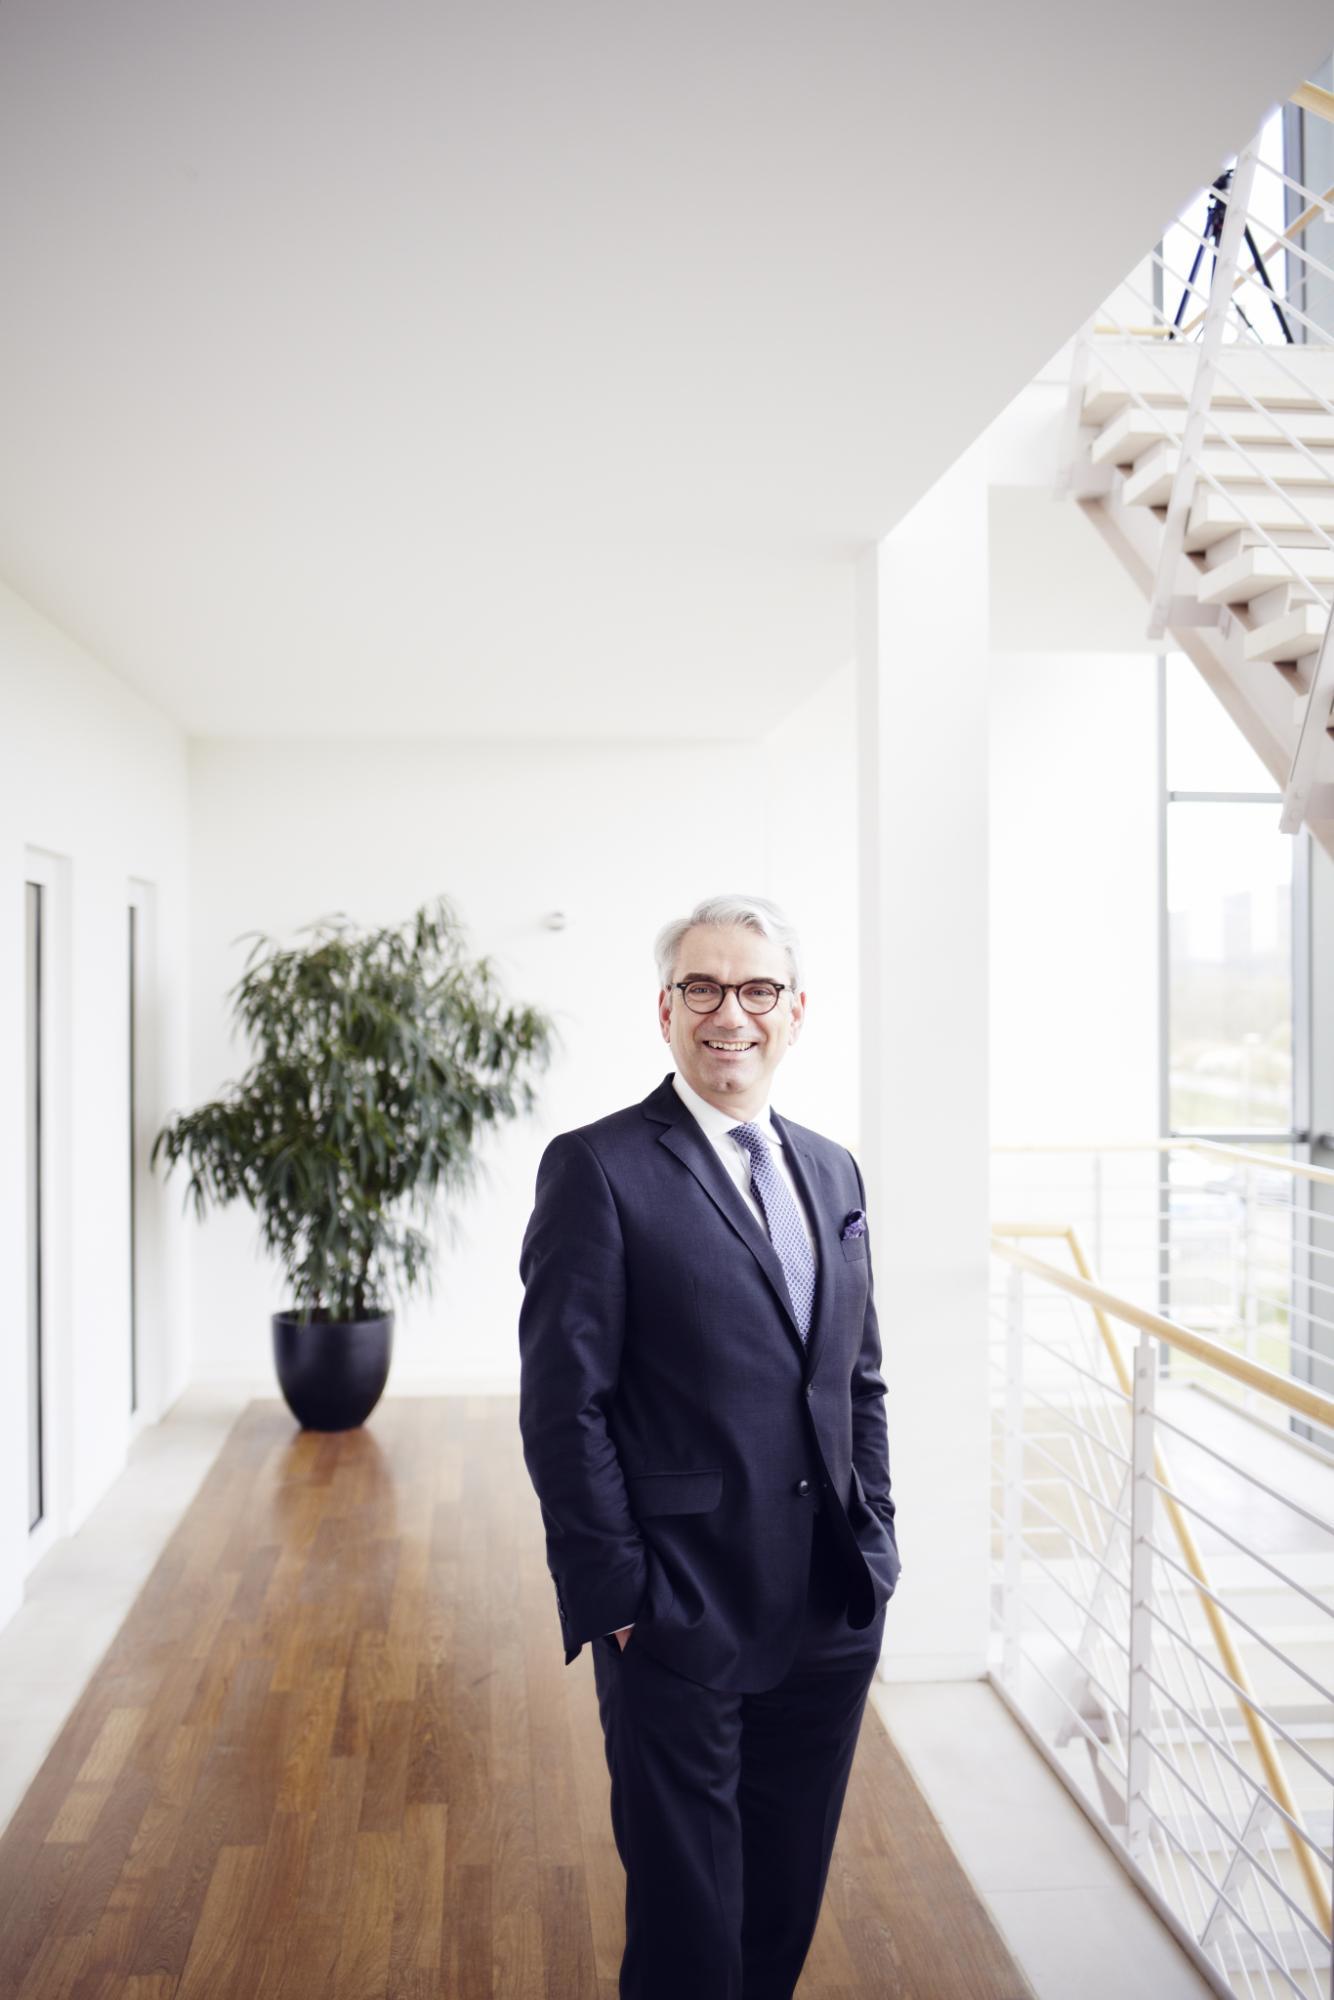 Manufakturen-Blog: Axel Schramm hat das Familienunternehmen groß gemacht, steht den deutschen Möbelherstellern vor (Foto: Schramm Werkstätten)